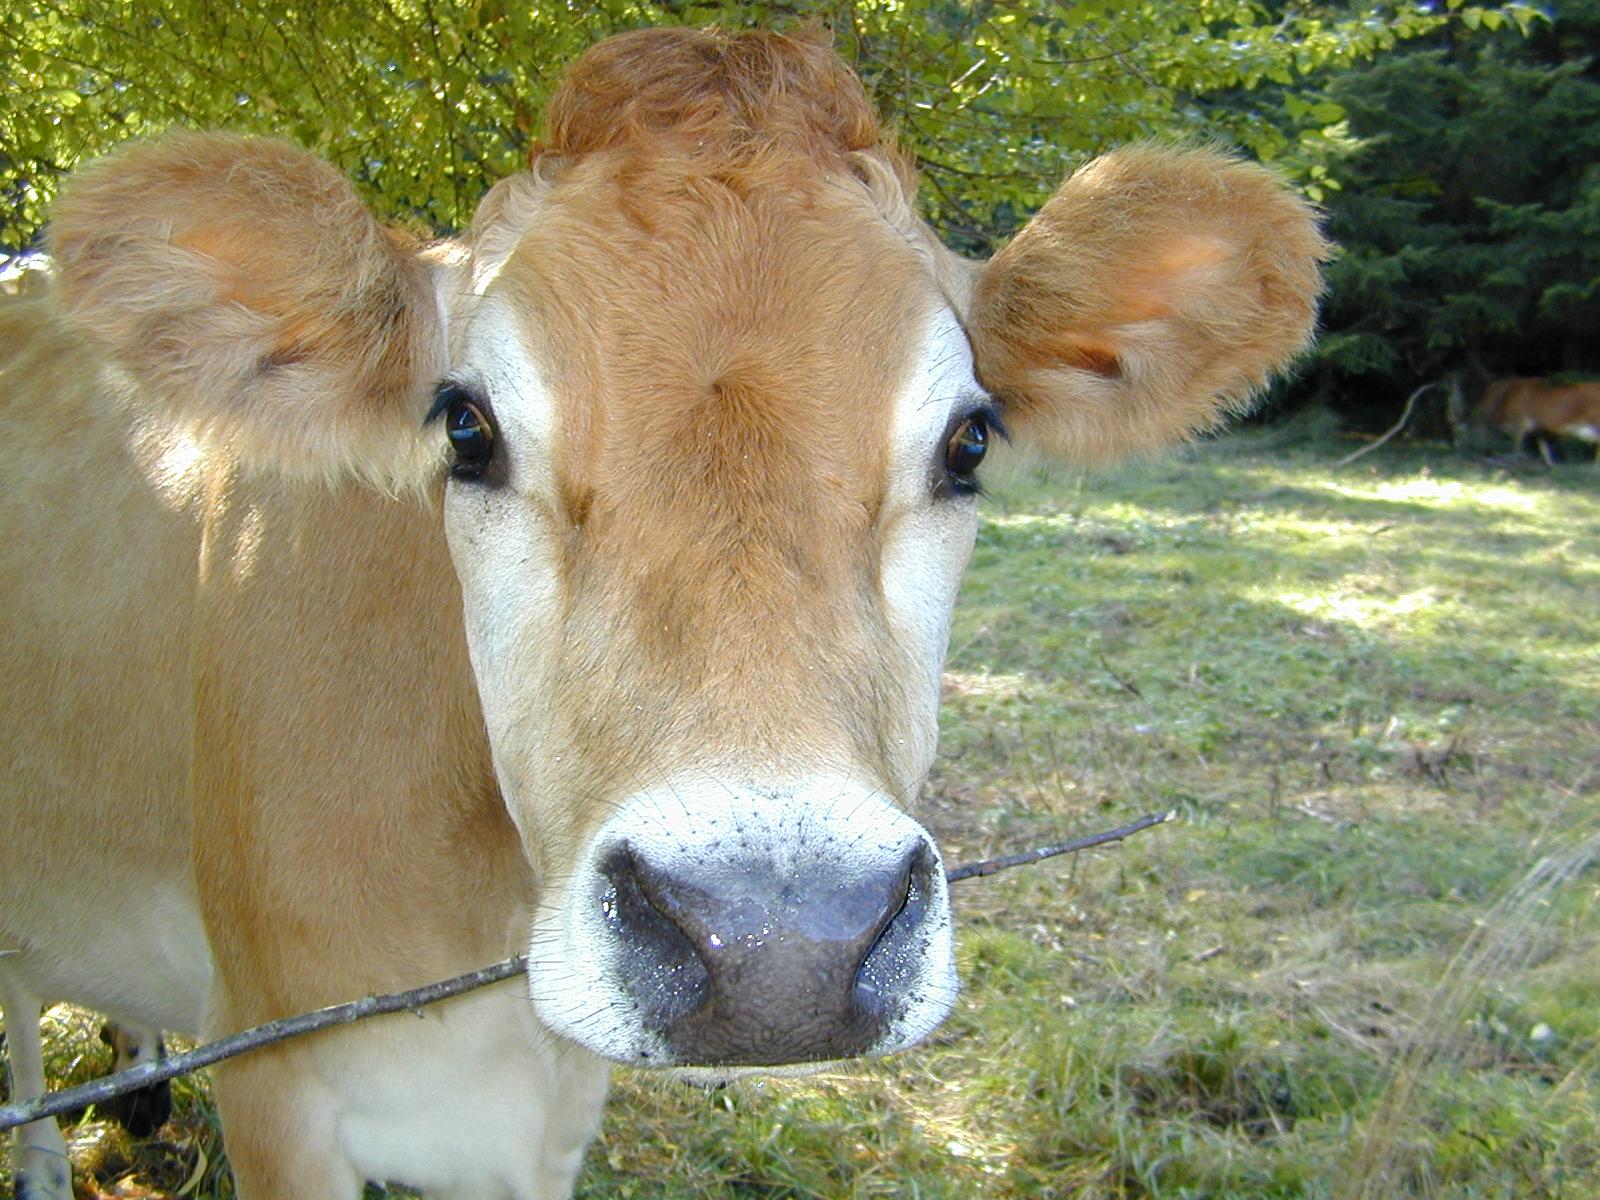 Image 52 Mji2pretty Cow1g Blogclan 2 Wikia Fandom Powered